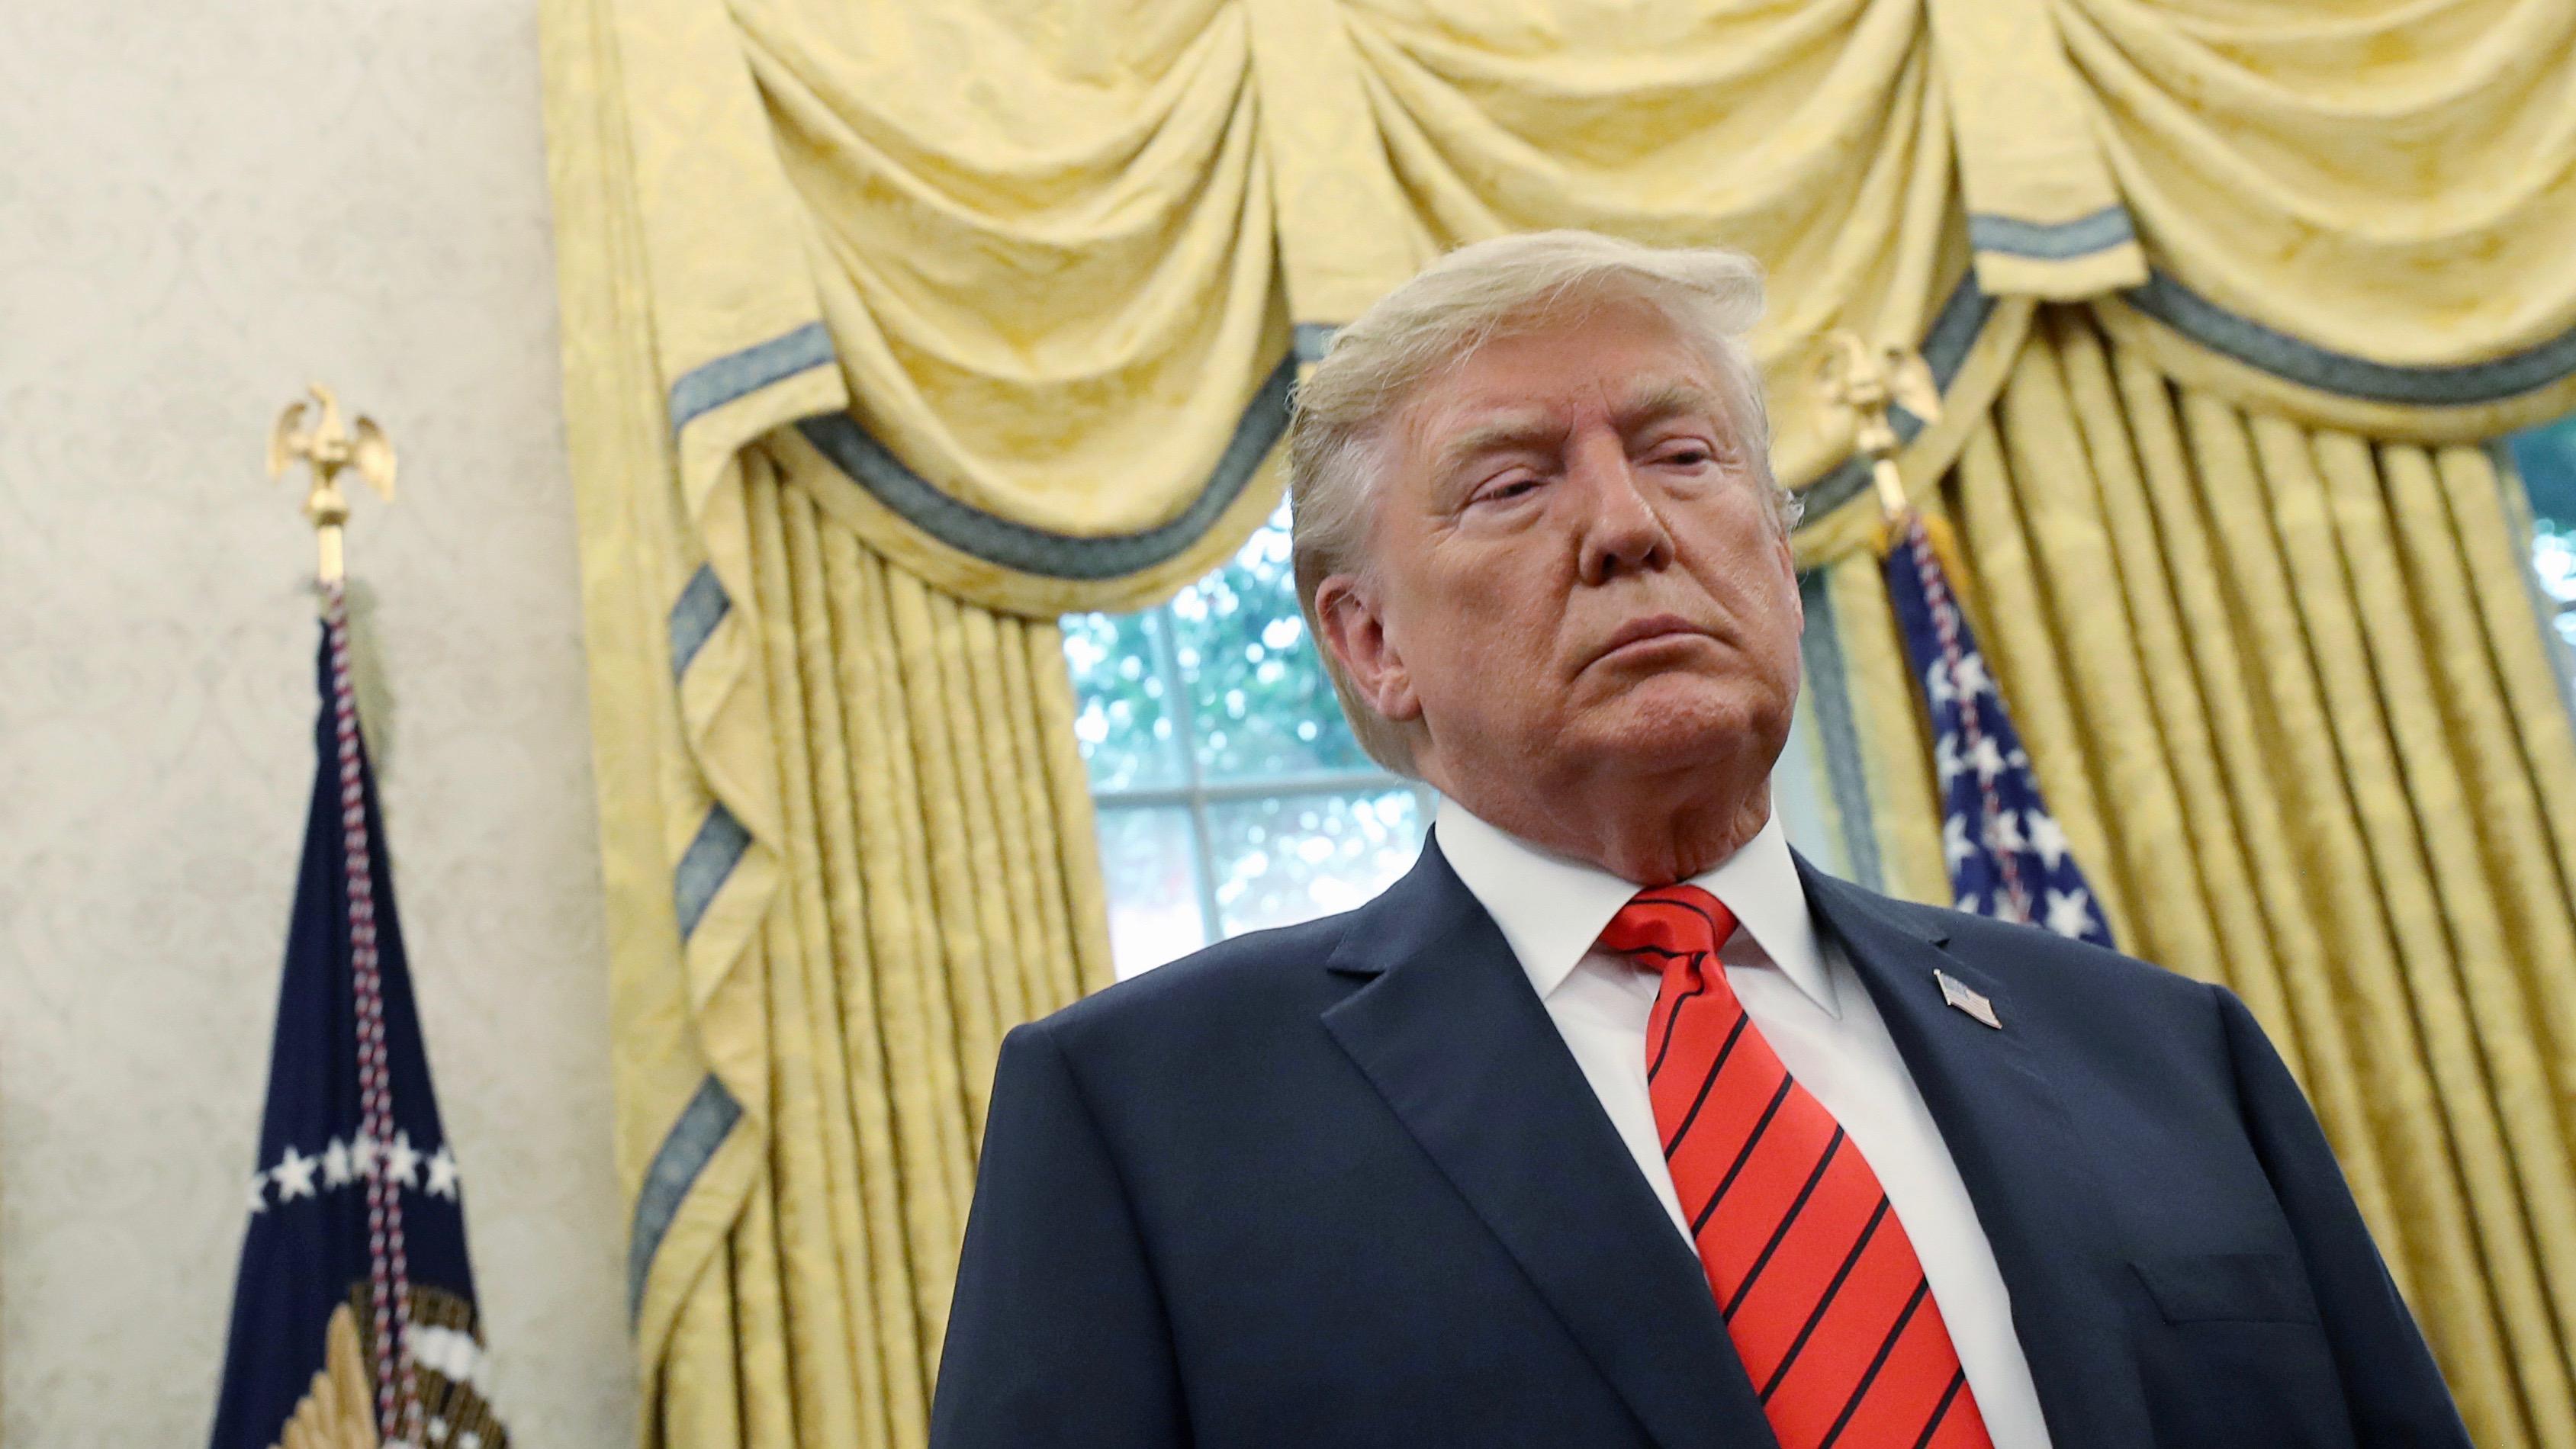 A gloomy looking Trump.